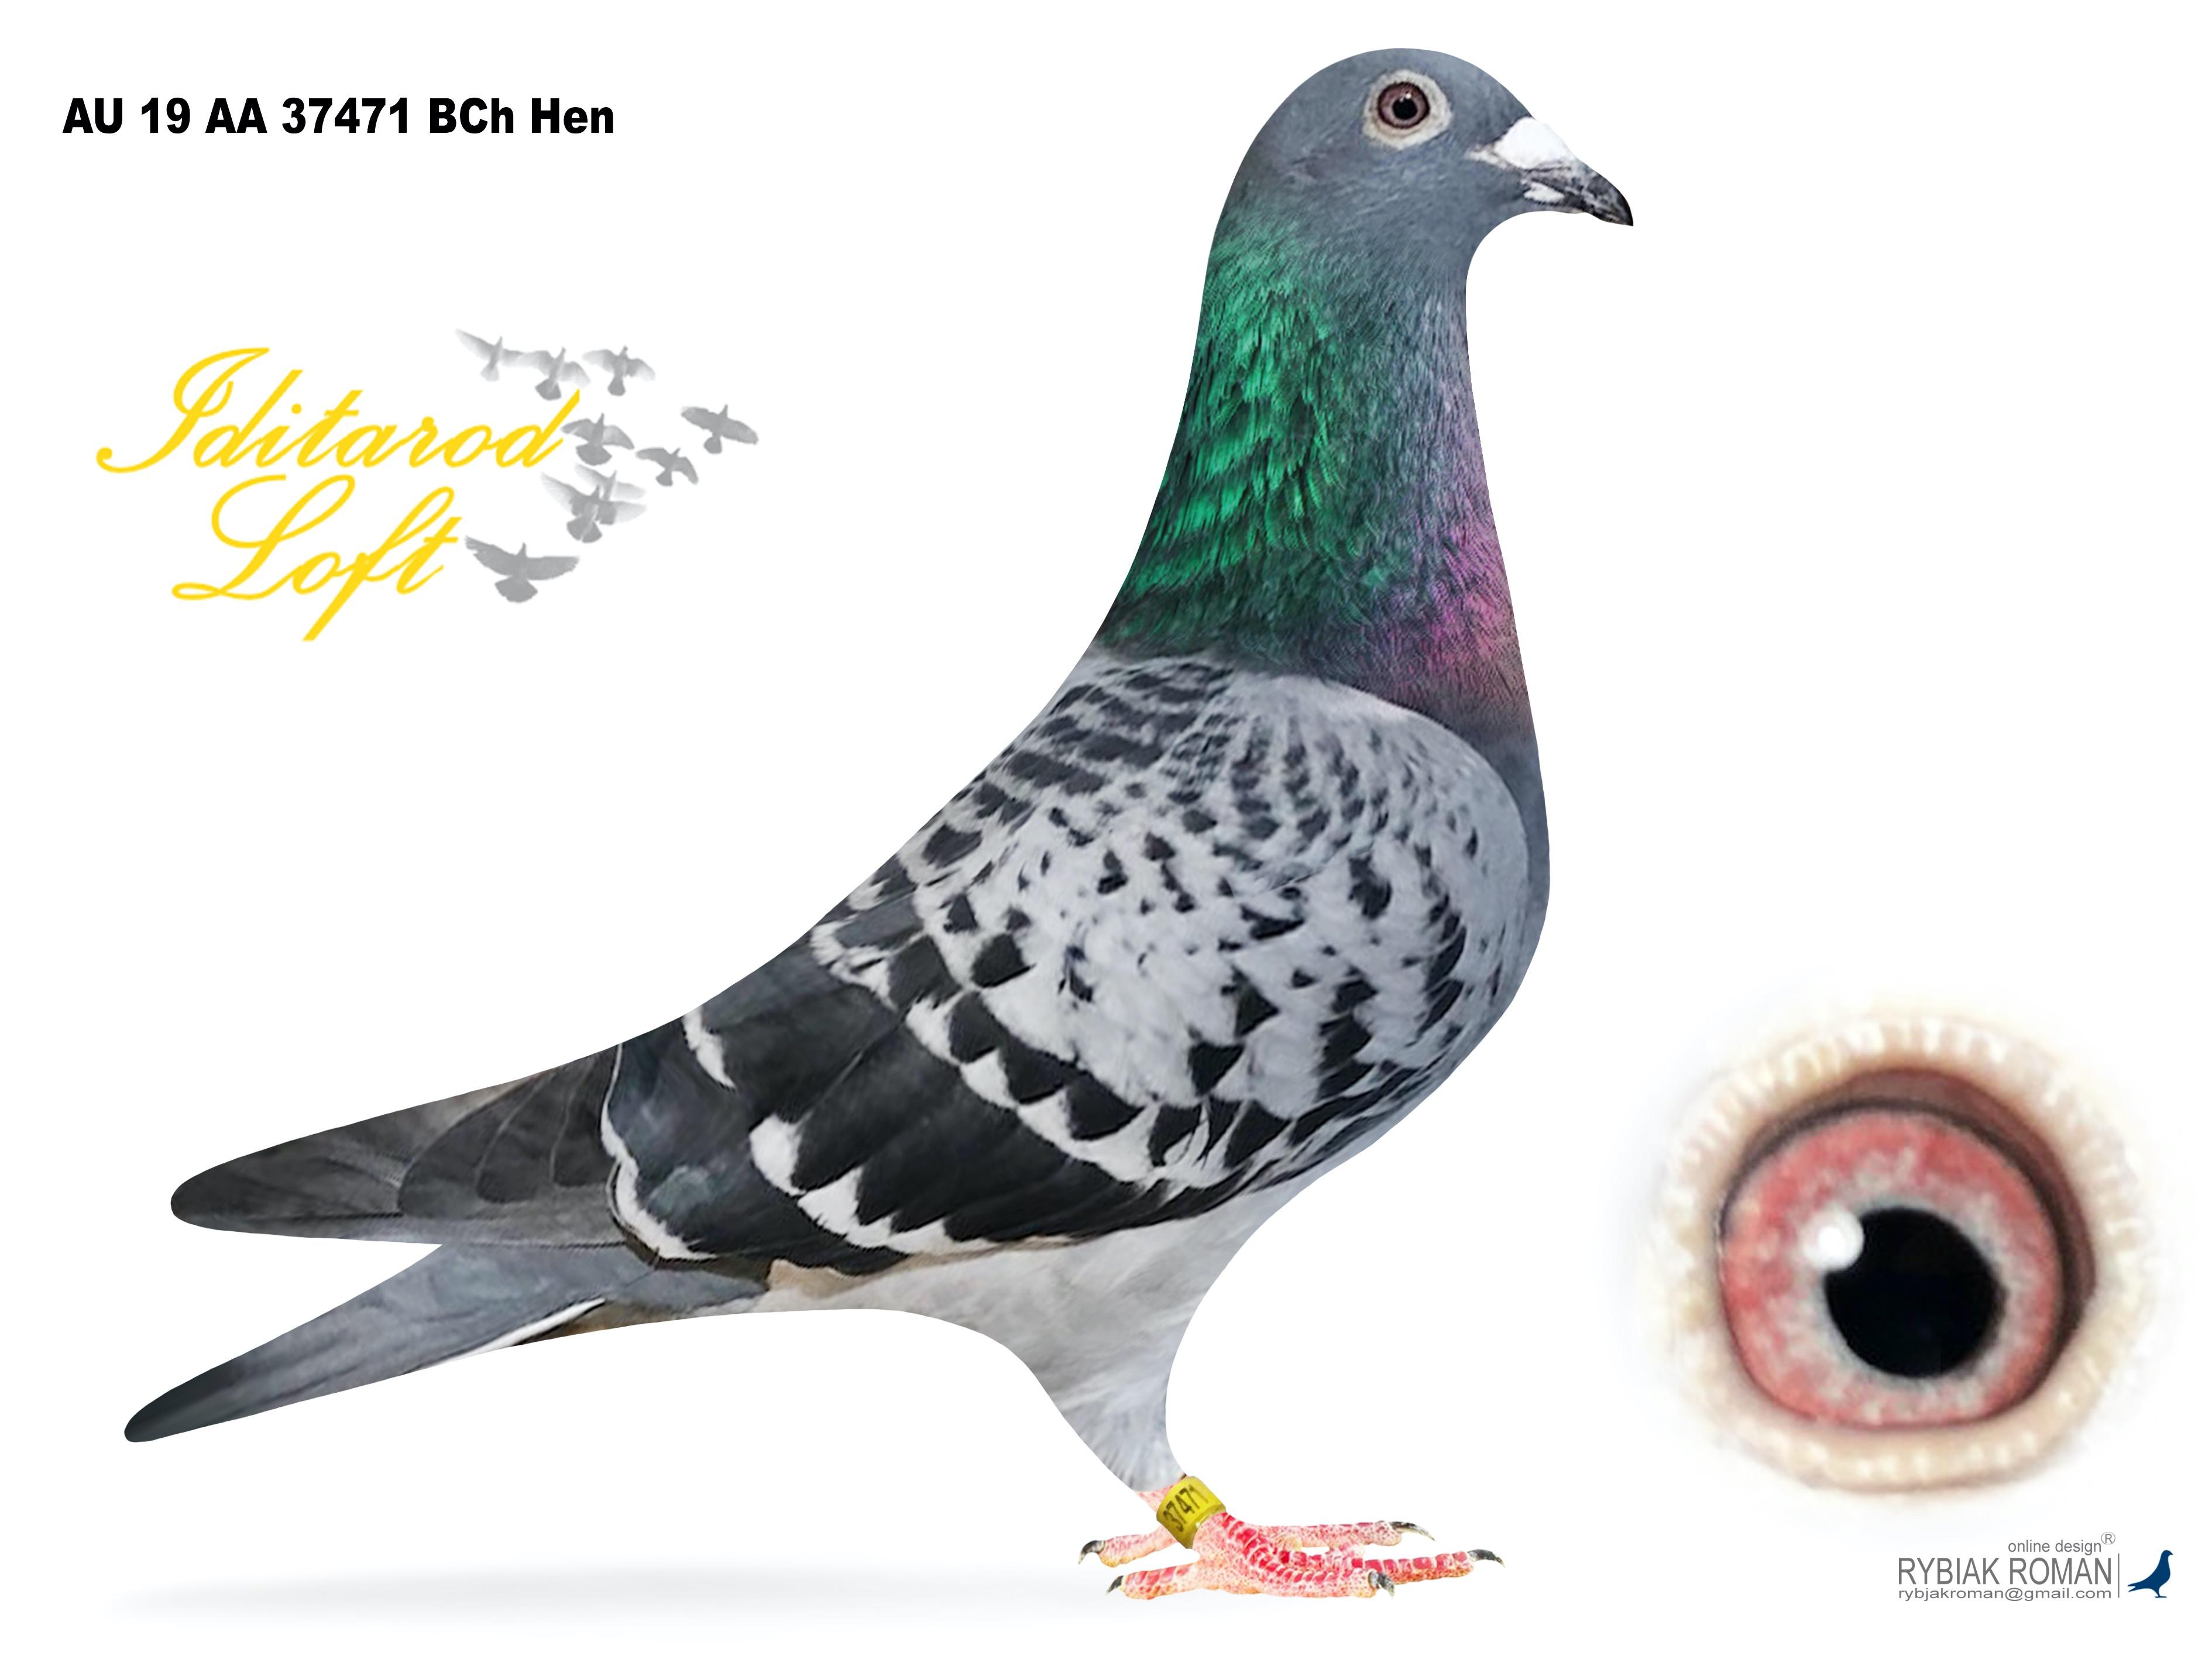 AU 19 AA 37471 BCh Hen